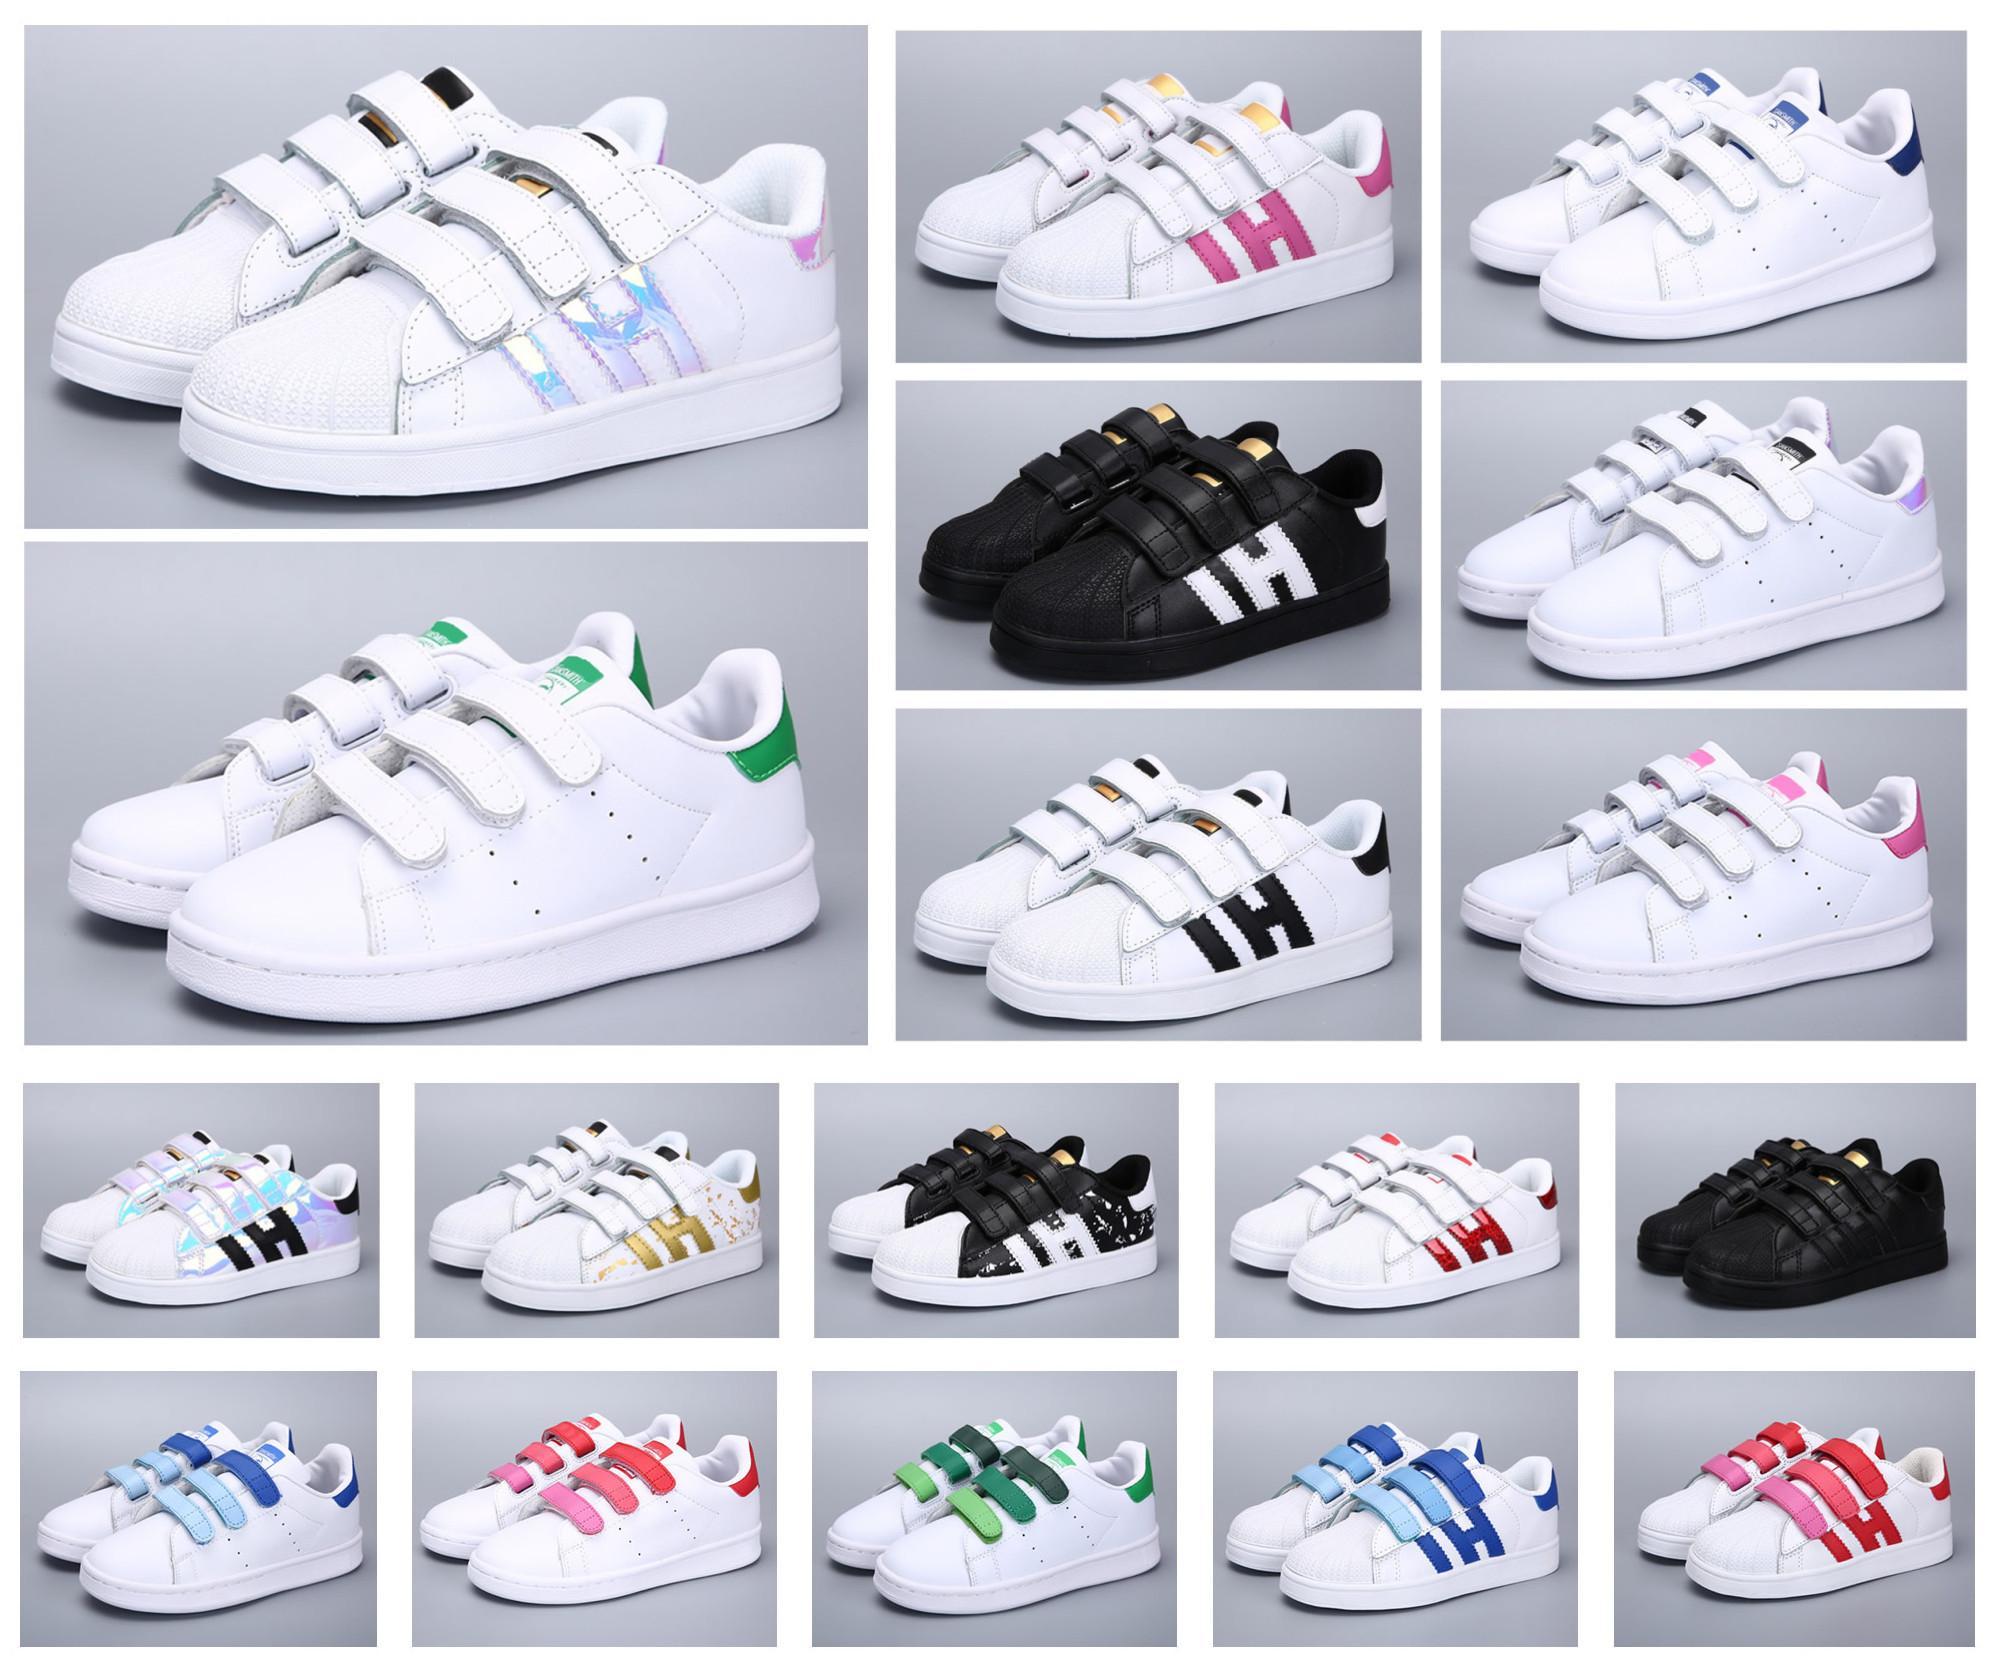 الكلاسيكية الشباب ستان سميث نجم الاطفال بنات الطفل بنين طفل الأطفال أحذية رياضة عارضة الحجم 24-35